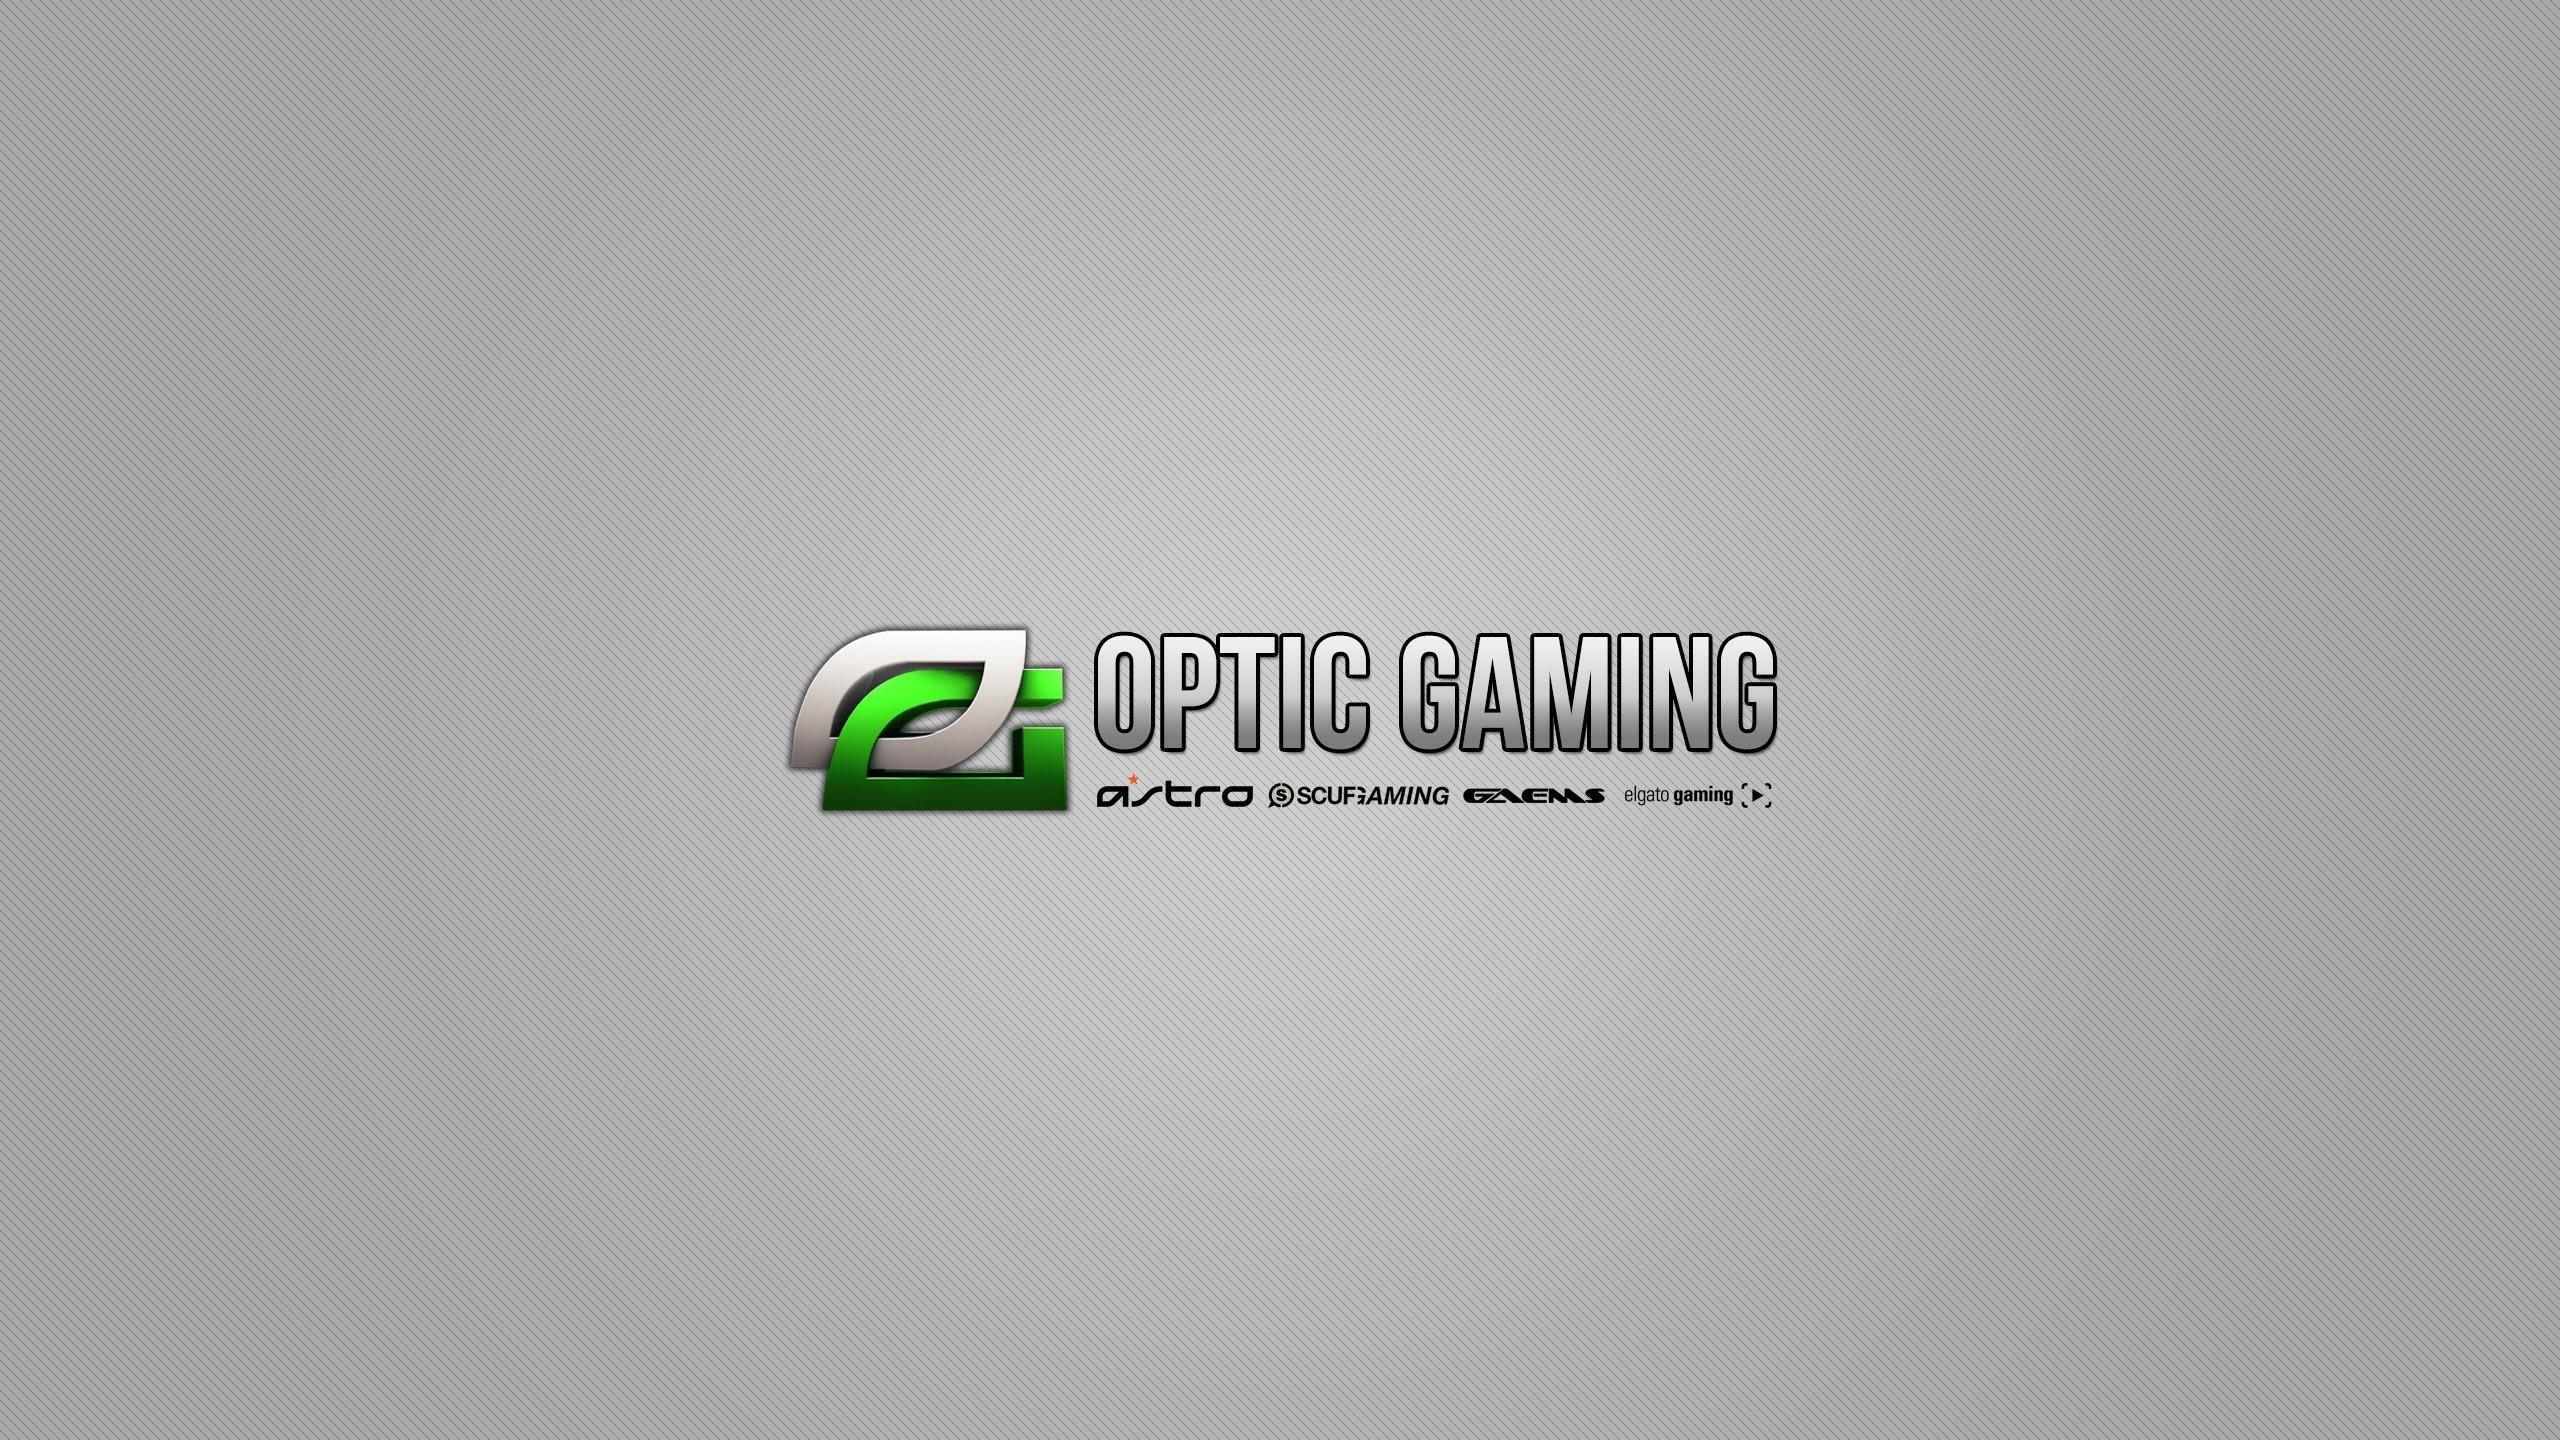 Optic-gaming-wf1012